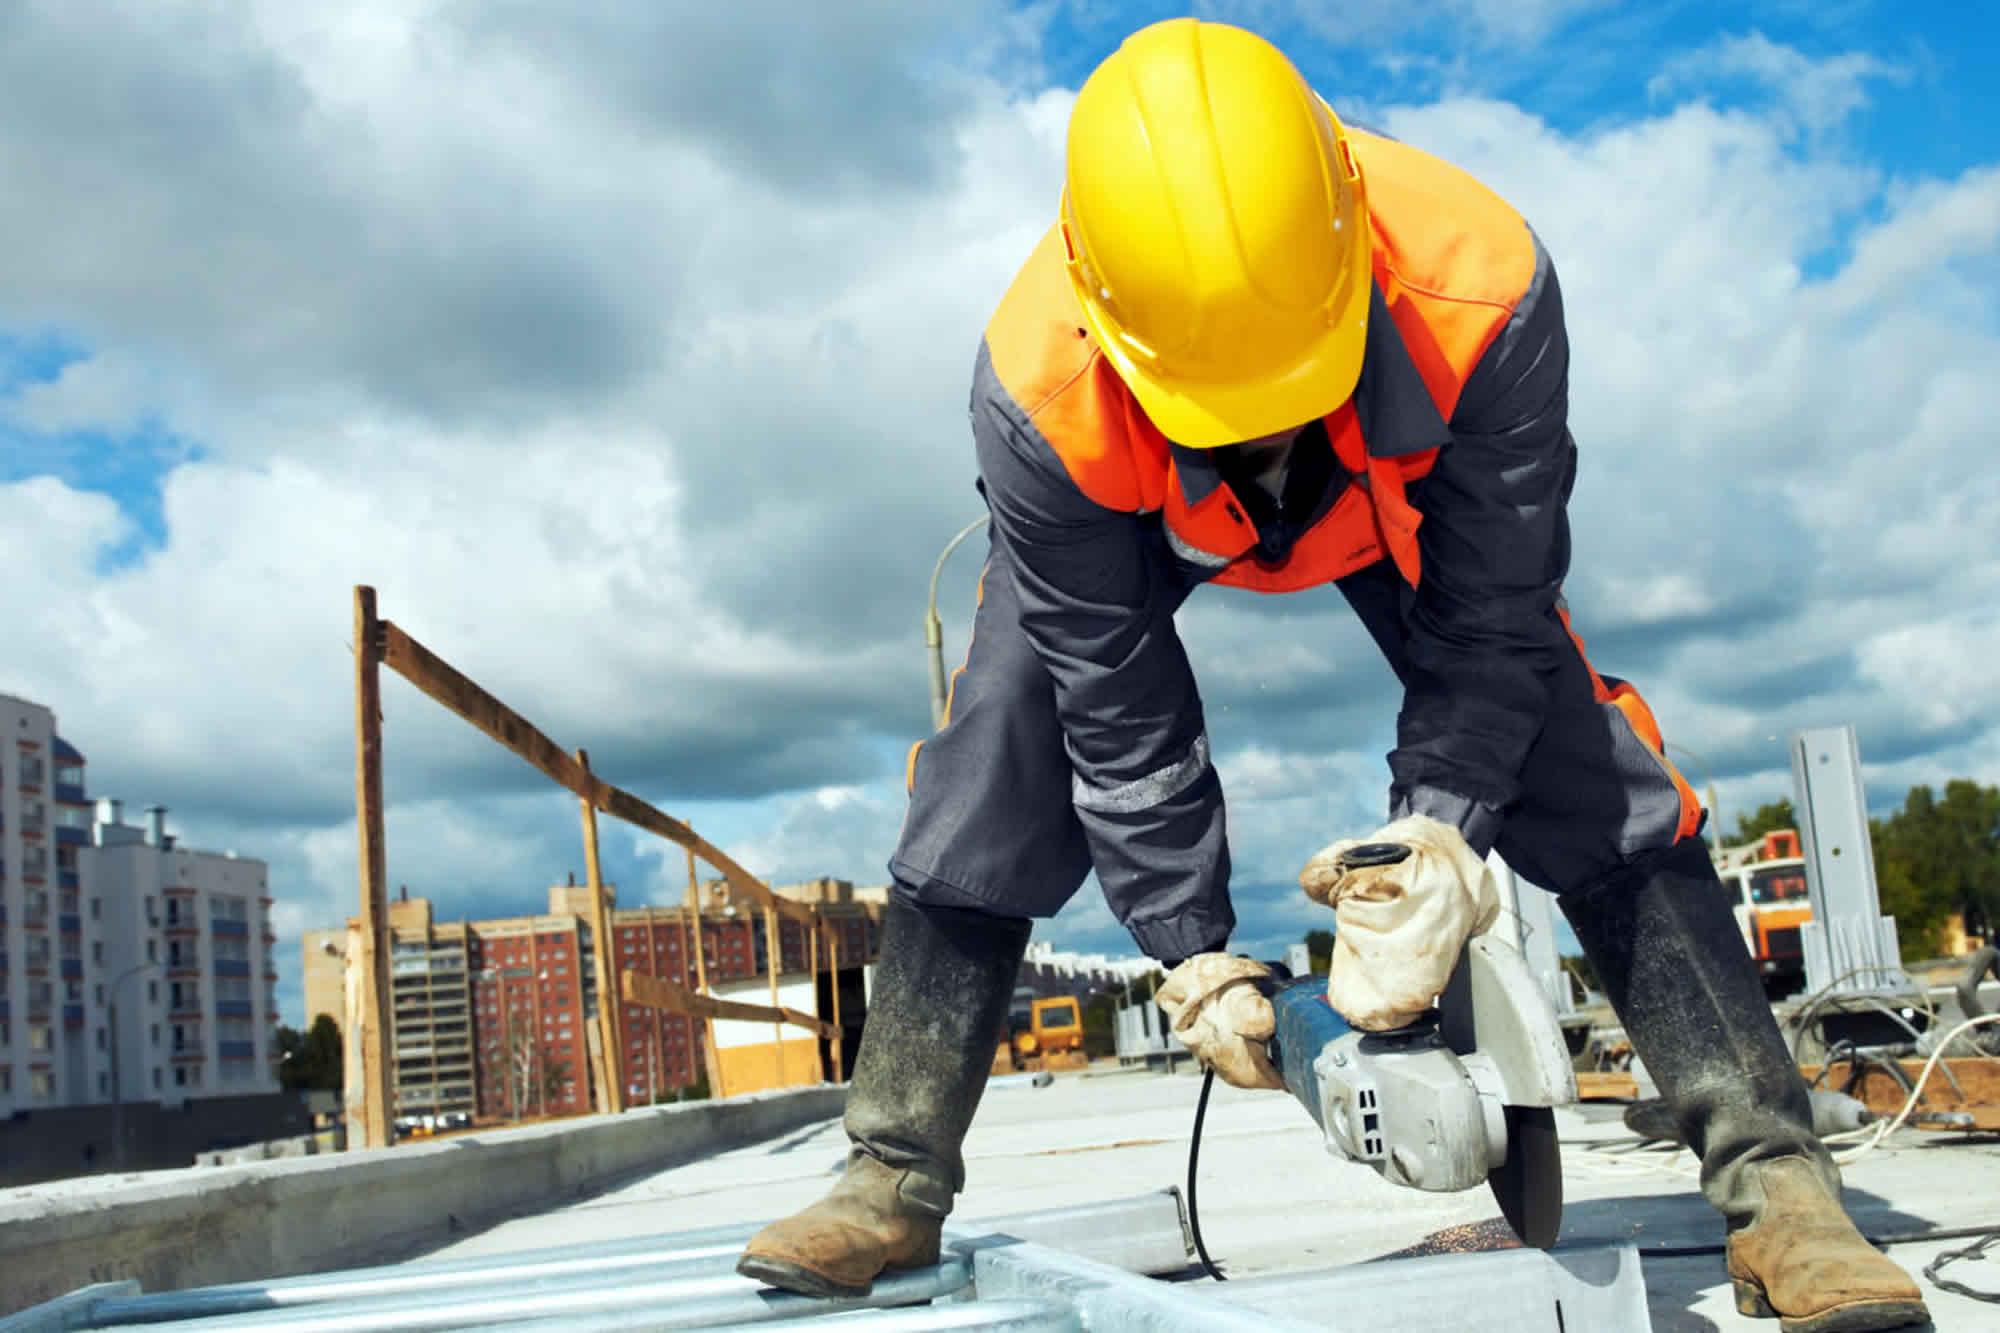 HERMES LLATAS CONSTRUCTORA | CONSTRUCCIONCONSUCOR